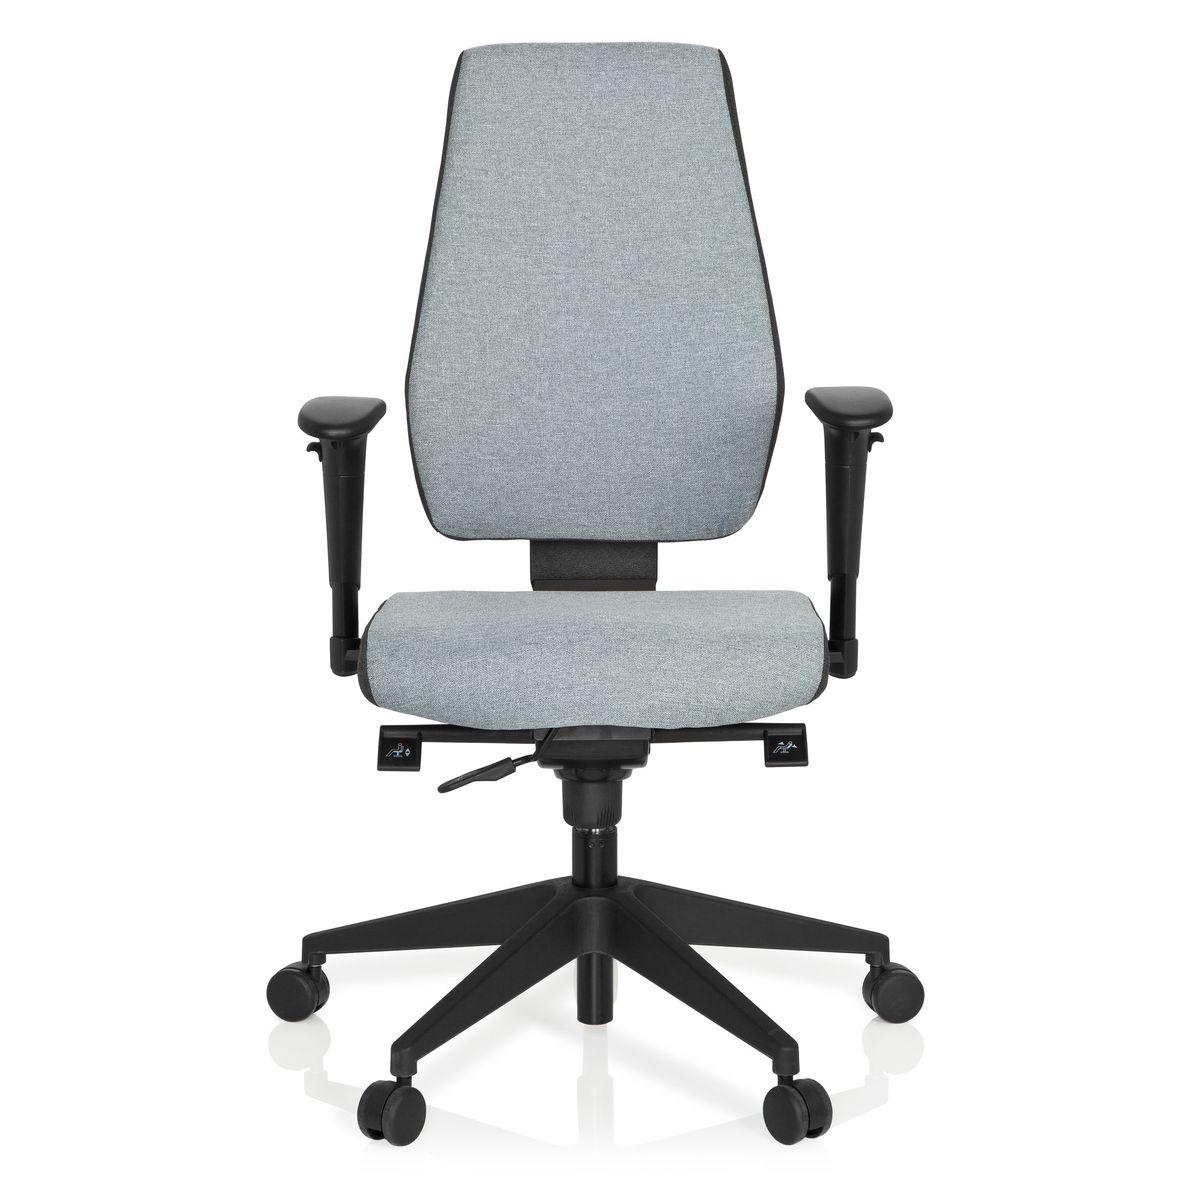 clair tissu bureau 500 de pivotante TEC Chaise maille PRO gris foncégris hjh Chaise OFFICE à 5A3Rj4L